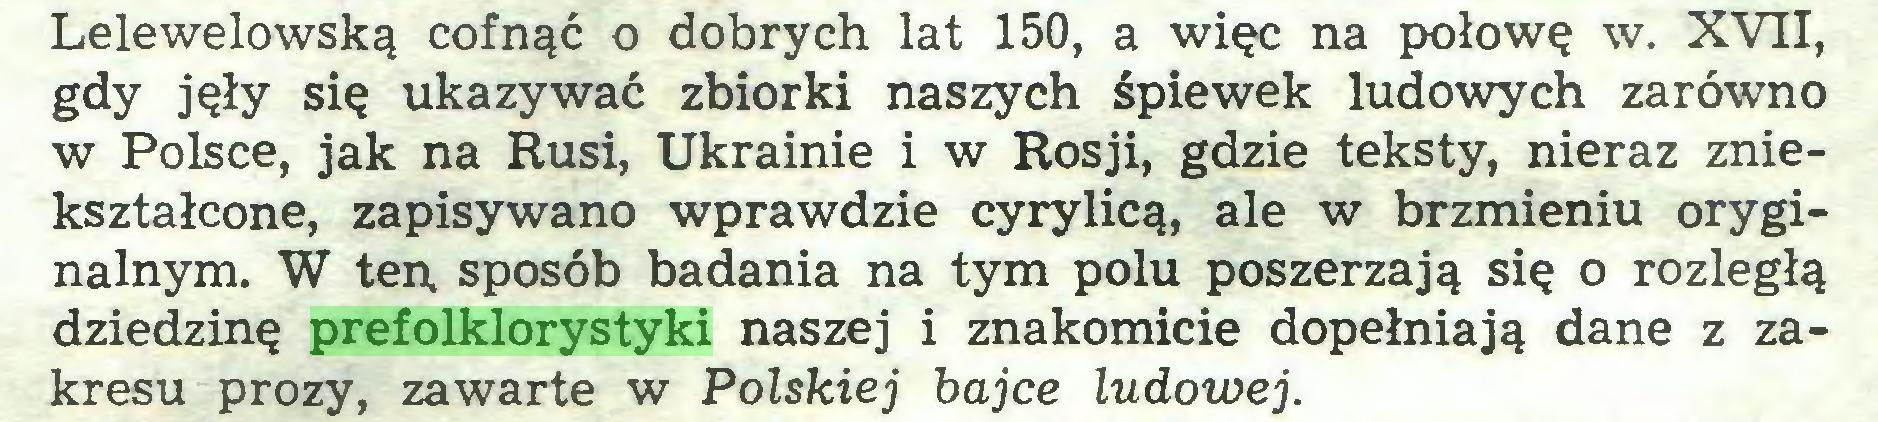 (...) Lelewelowską cofnąć o dobrych lat 150, a więc na połowę w. XVII, gdy jęły się ukazywać zbiorki naszych śpiewek ludowych zarówno w Polsce, jak na Rusi, Ukrainie i w Rosji, gdzie teksty, nieraz zniekształcone, zapisywano wprawdzie cyrylicą, ale w brzmieniu oryginalnym. W ten, sposób badania na tym polu poszerzają się o rozległą dziedzinę prefolklorystyki naszej i znakomicie dopełniają dane z zakresu prozy, zawarte w Polskiej bajce ludowej...